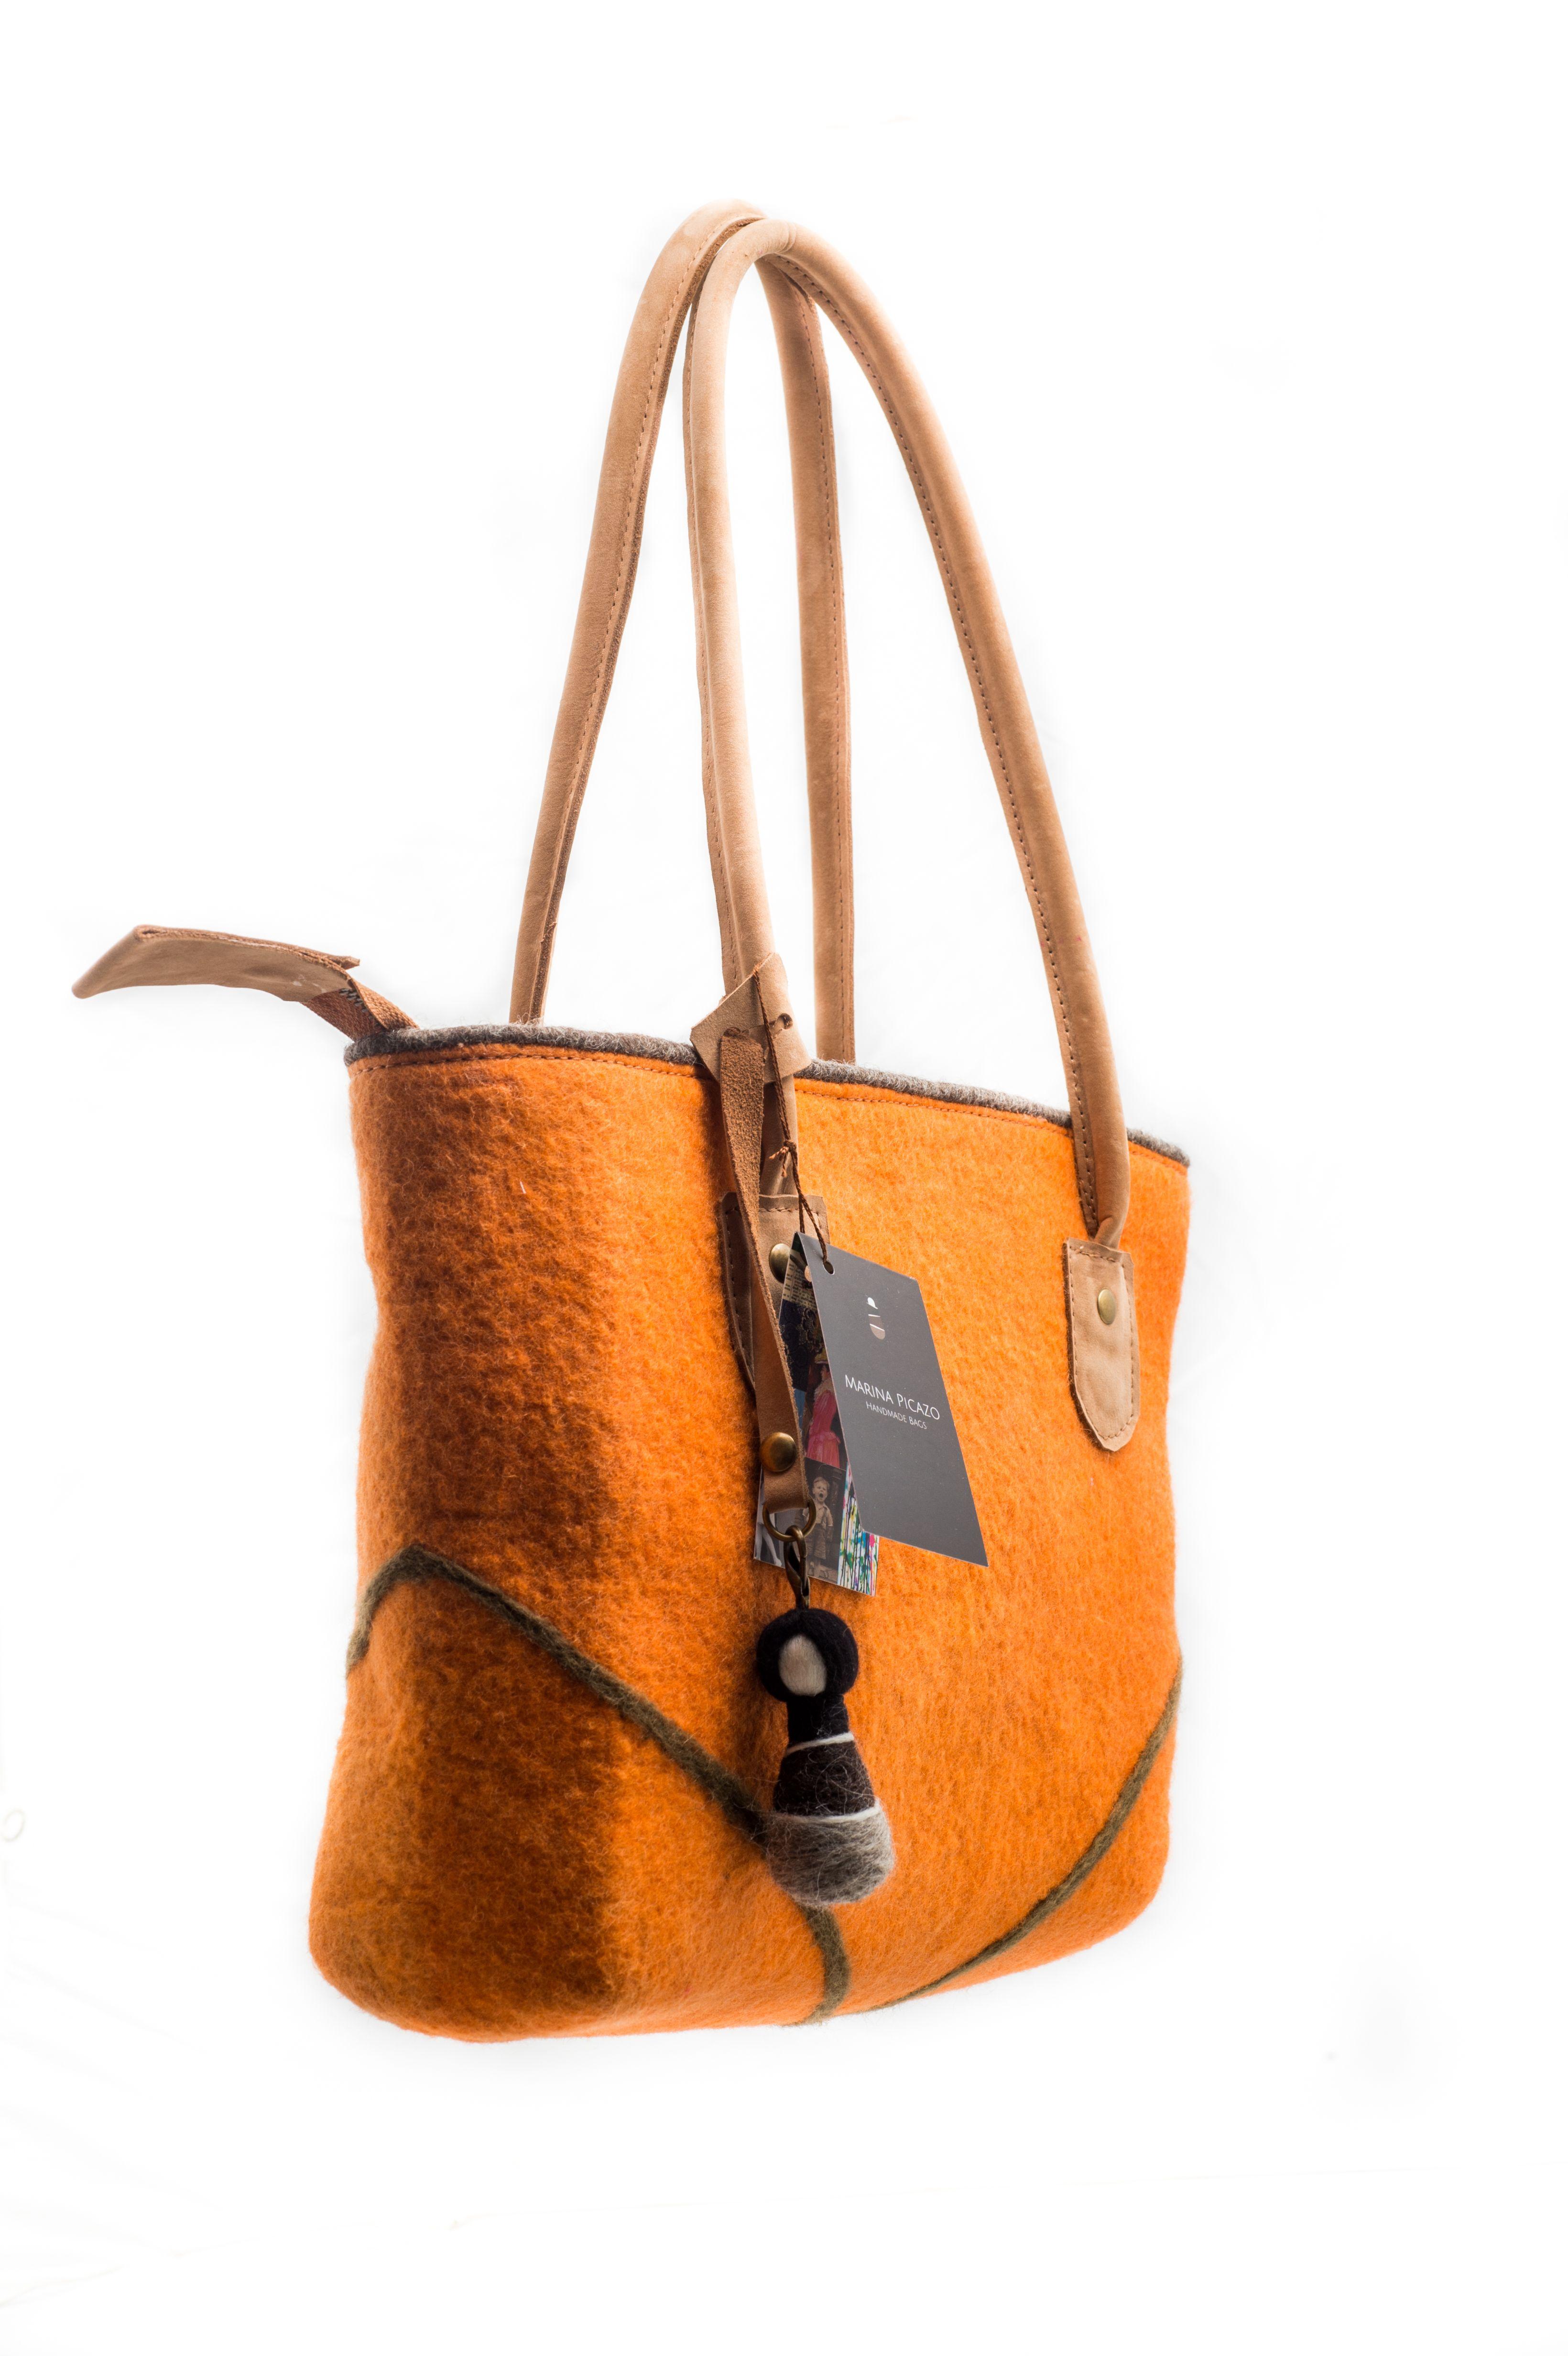 Marina Picazo Handmade Bags